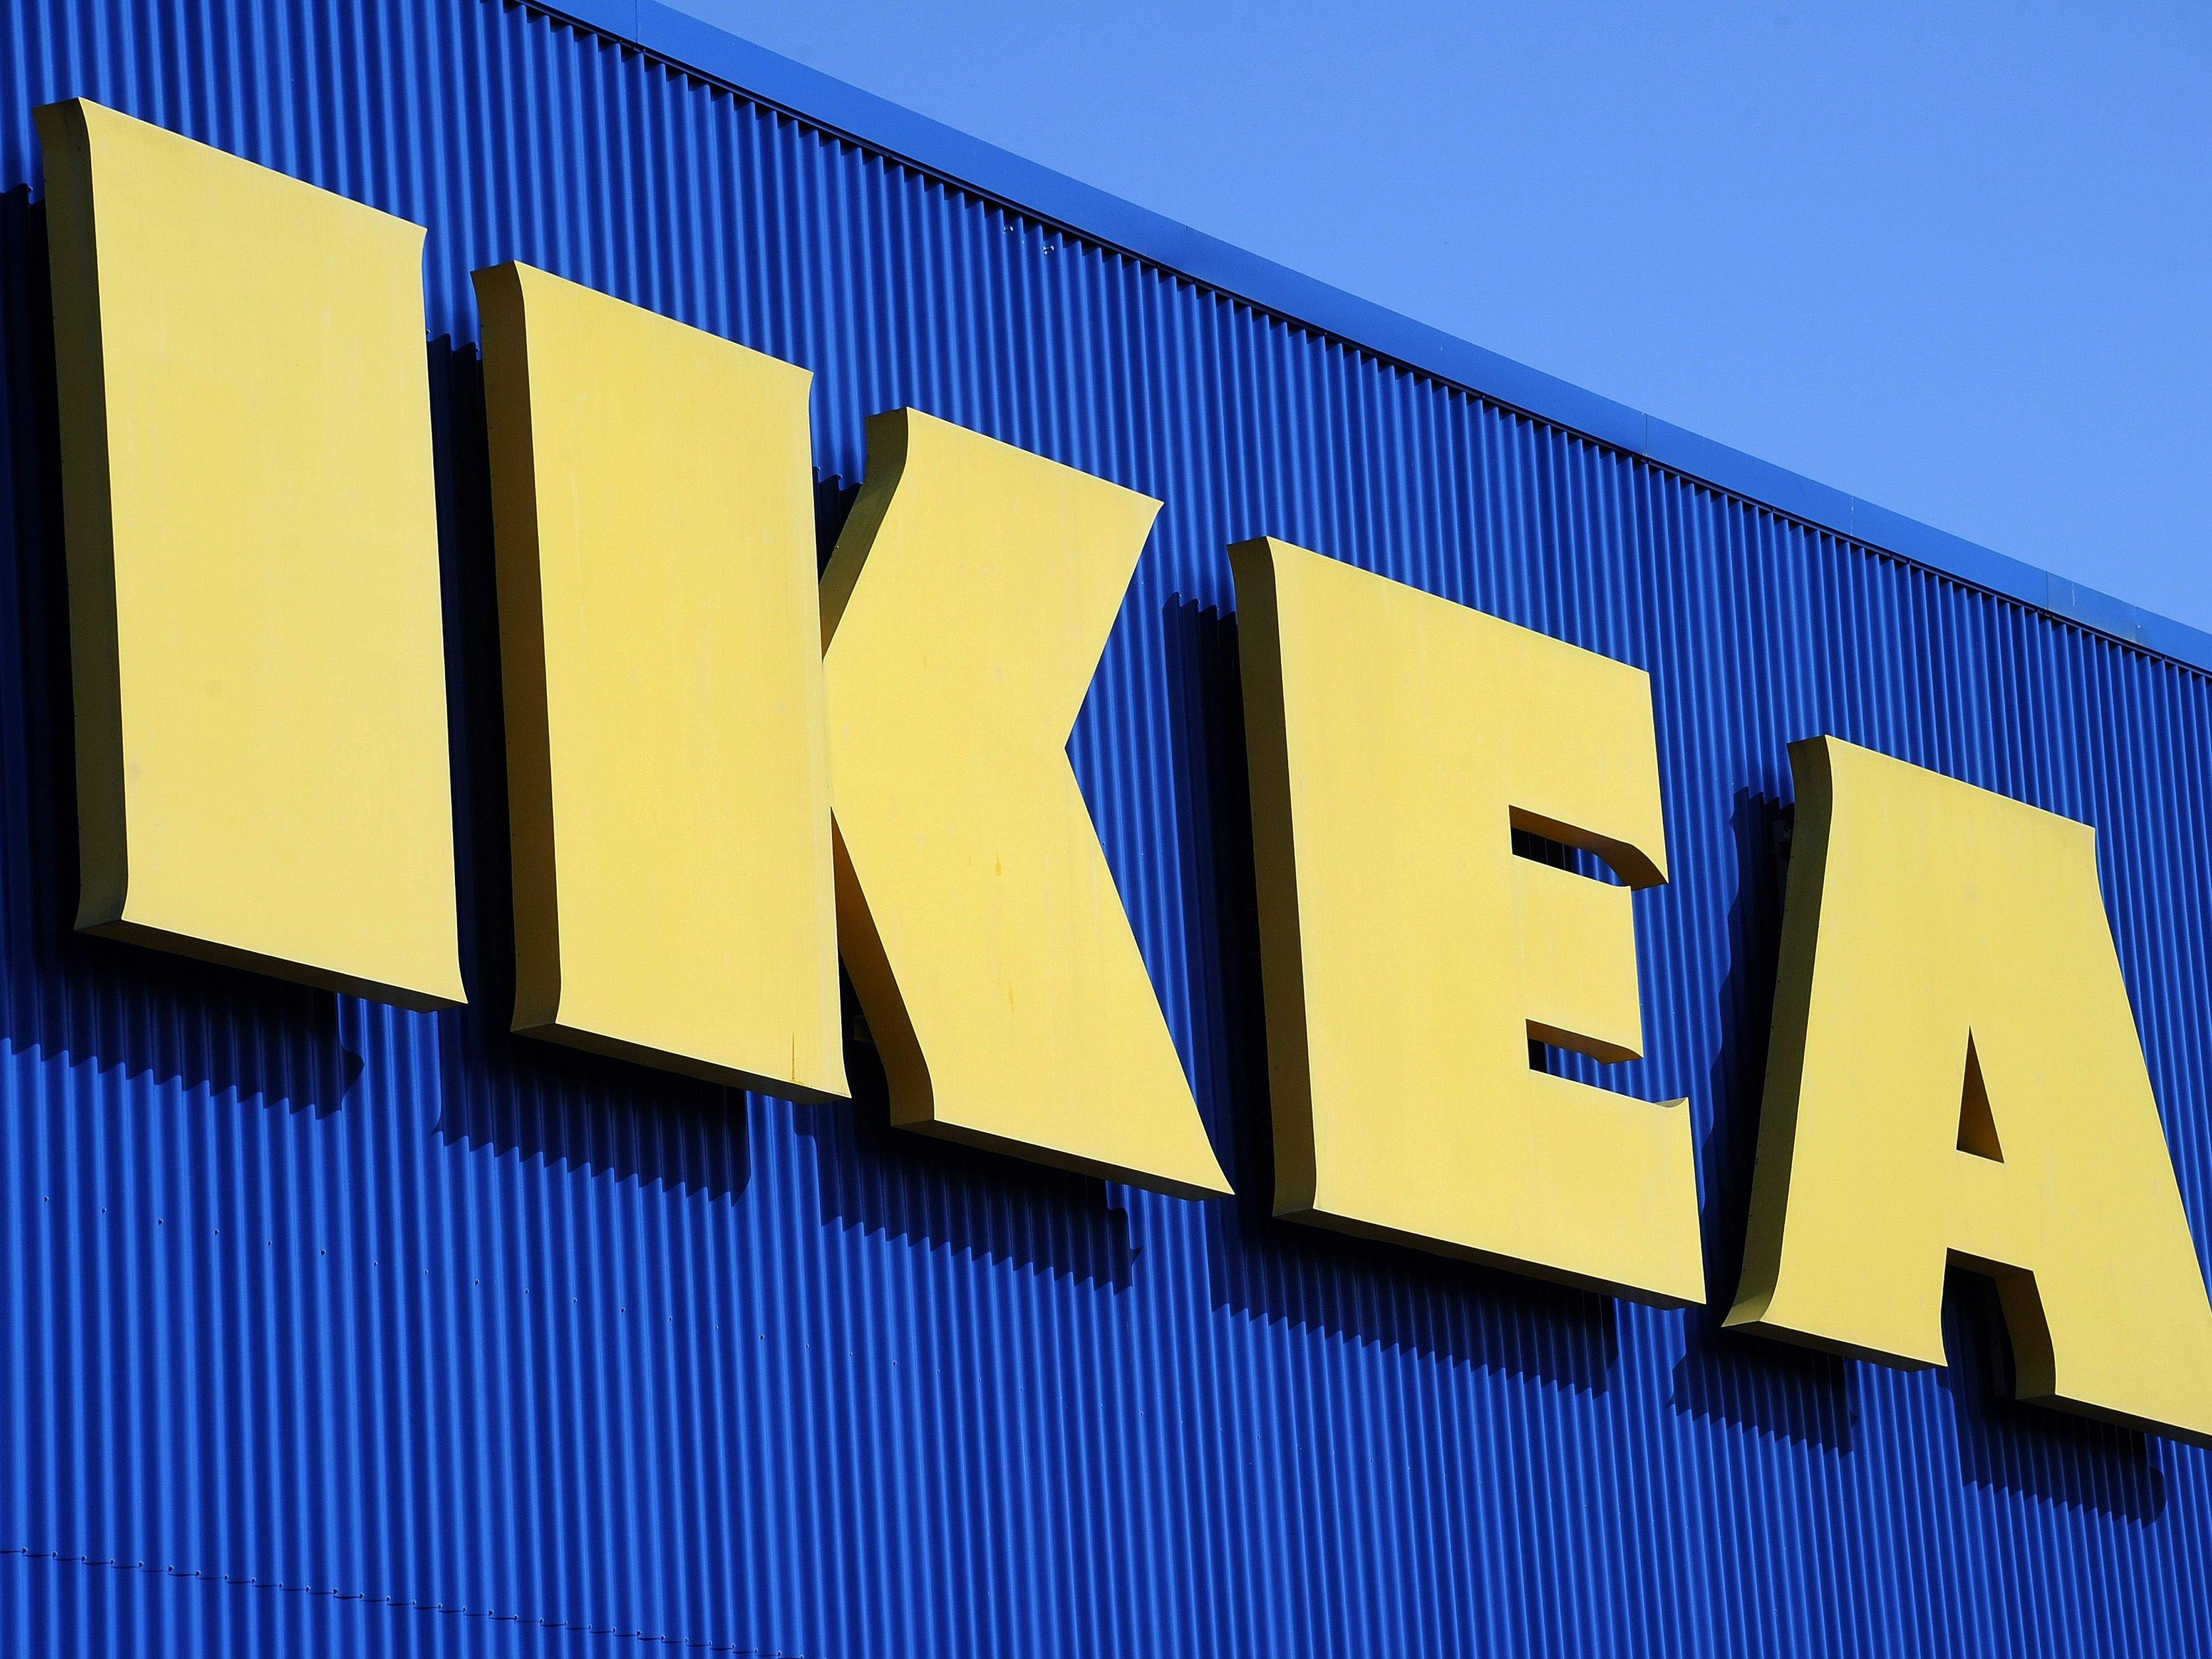 Ikea Erhöht Mindestgehälter In österreich Auf 1800 Euro